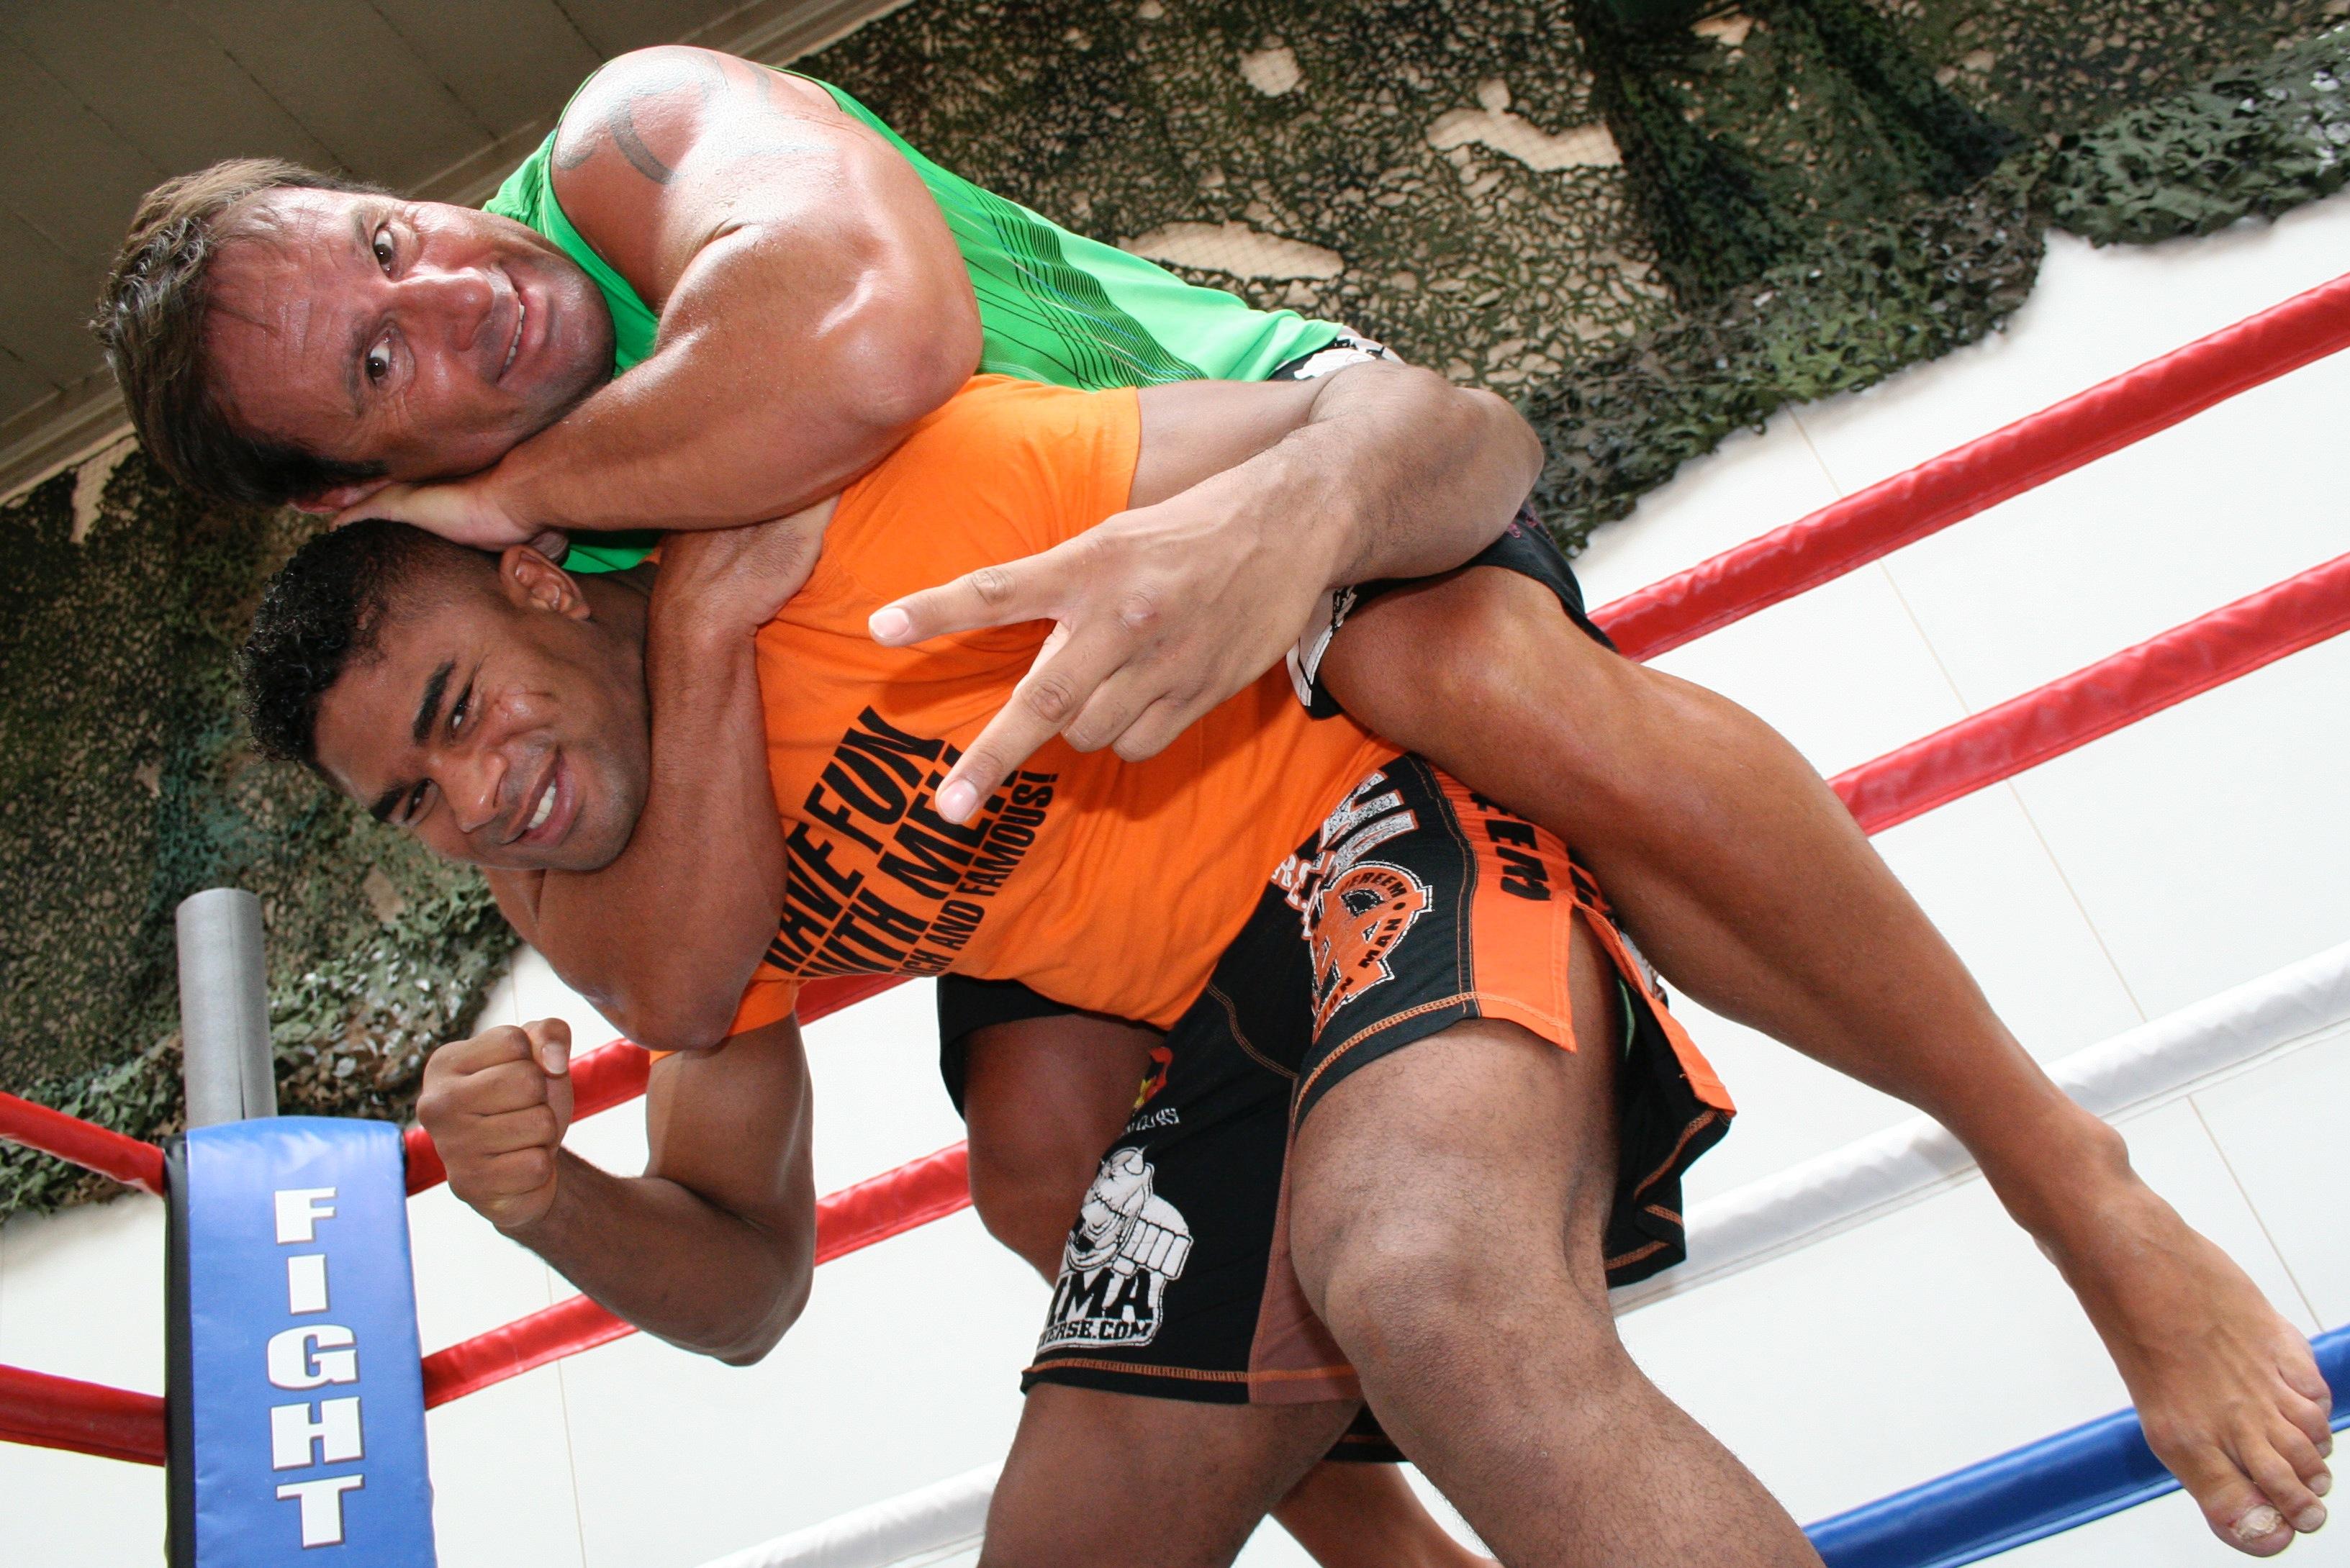 JK vs Ali!